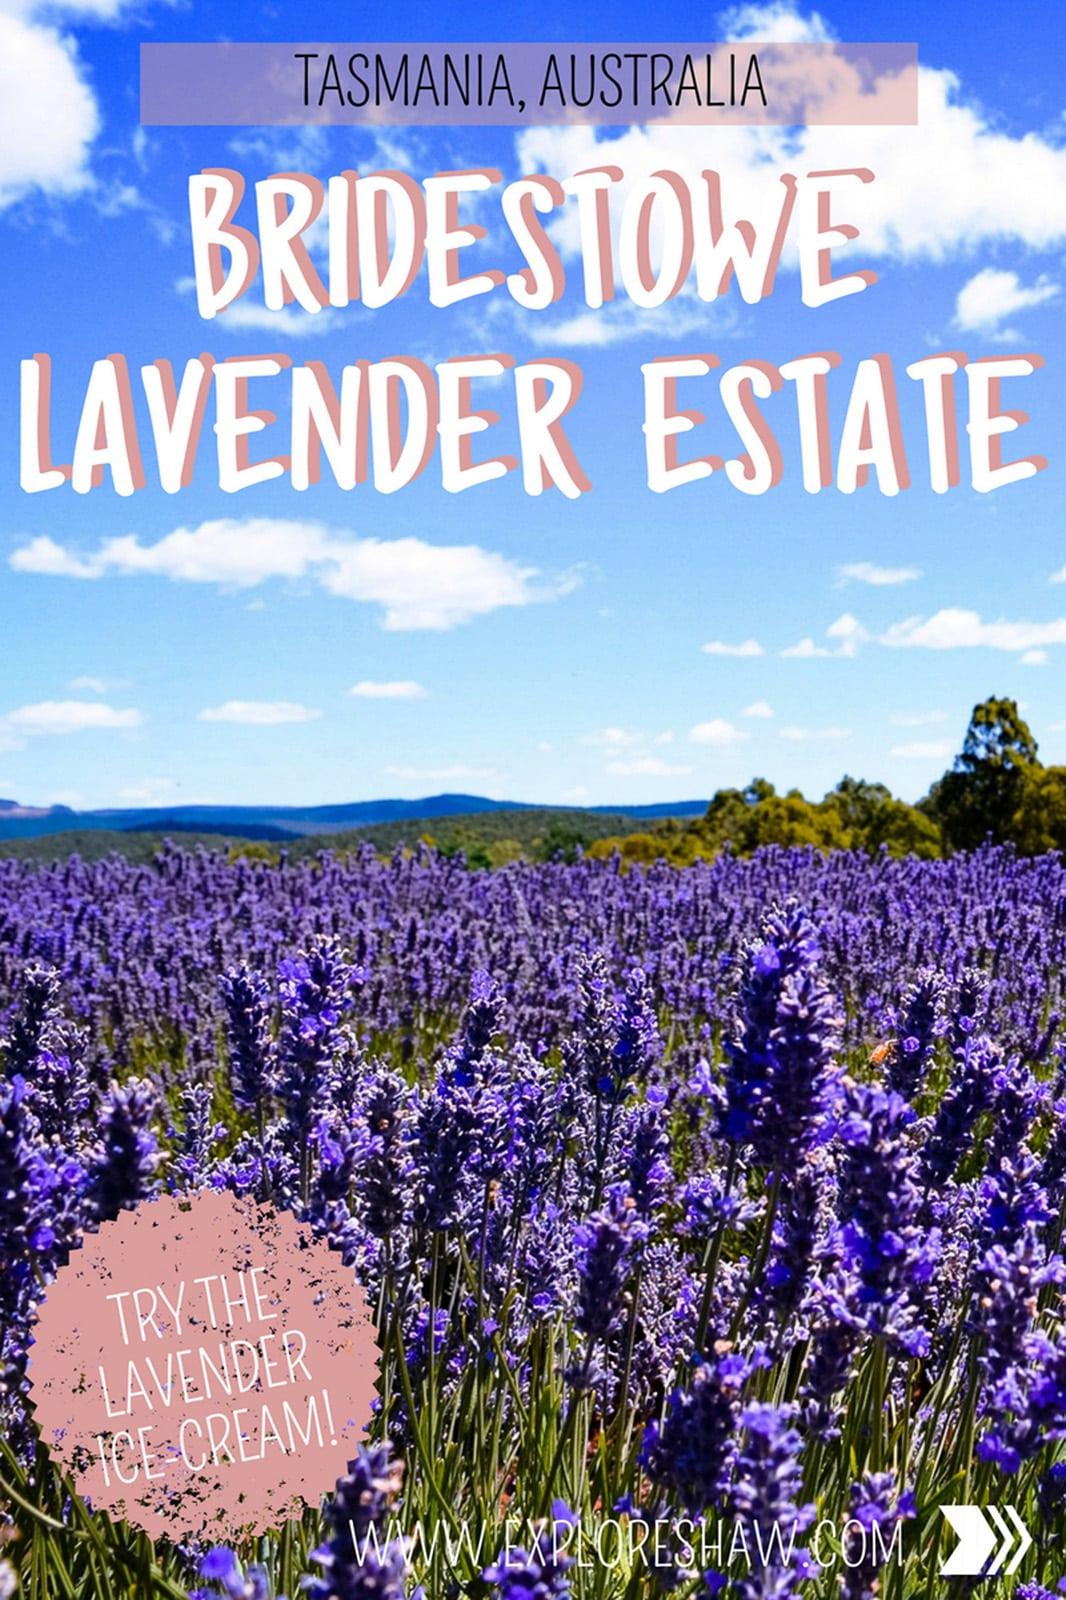 Explore Australia's biggest Lavender Farm at Bridestowe Lavender Estate, just a short trip out of Launceston in Tasmania. #Australia #Tasmania